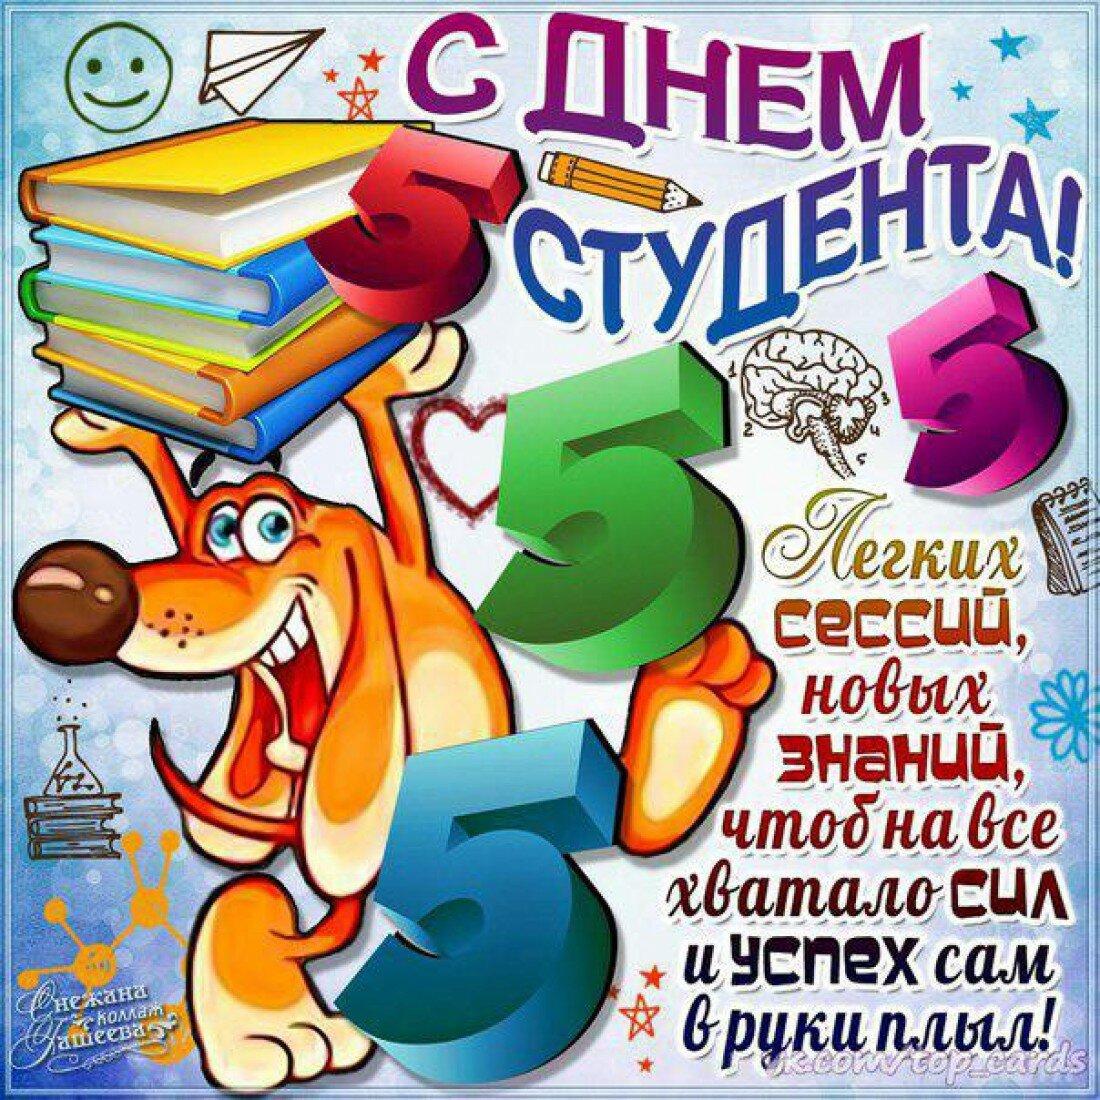 Поздравление студентов с днем студента 25 января